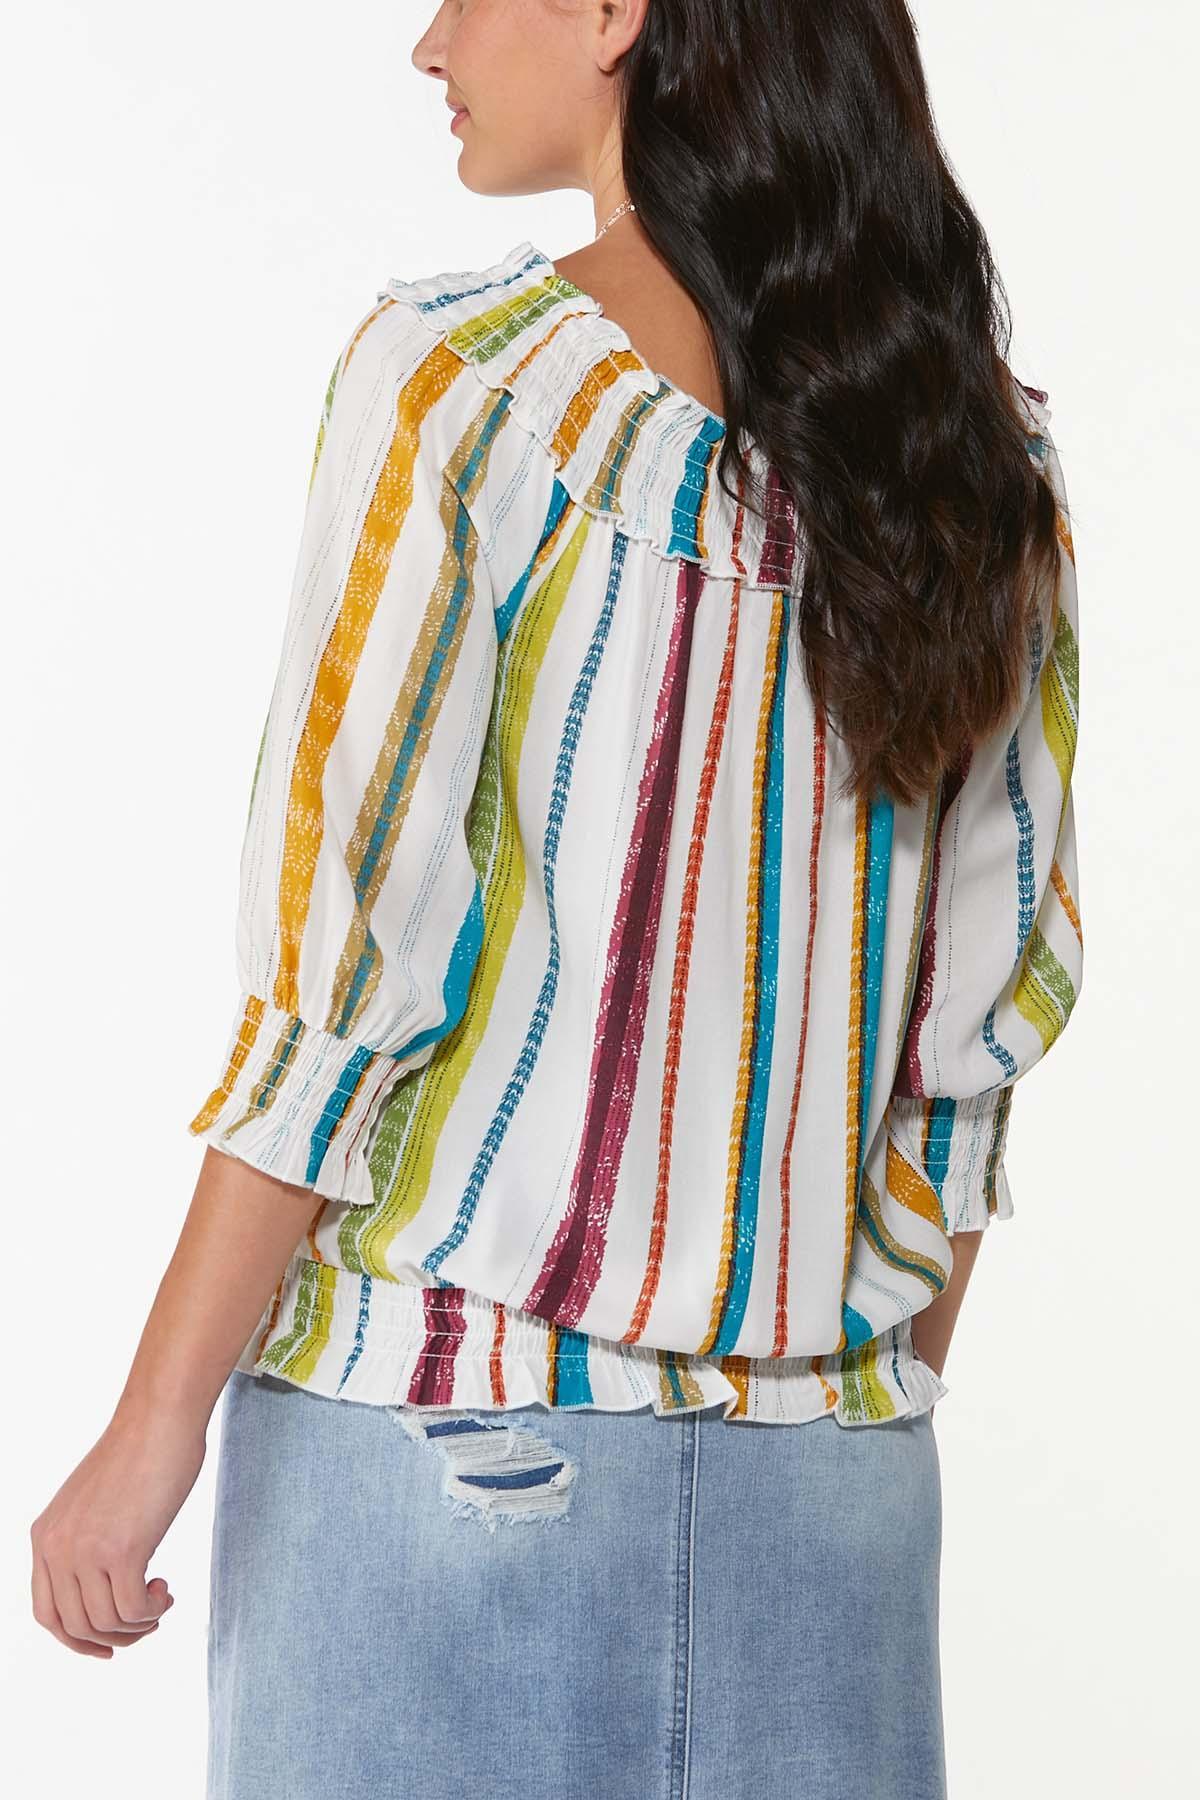 Smocked Multi Stripe Top (Item #44749844)